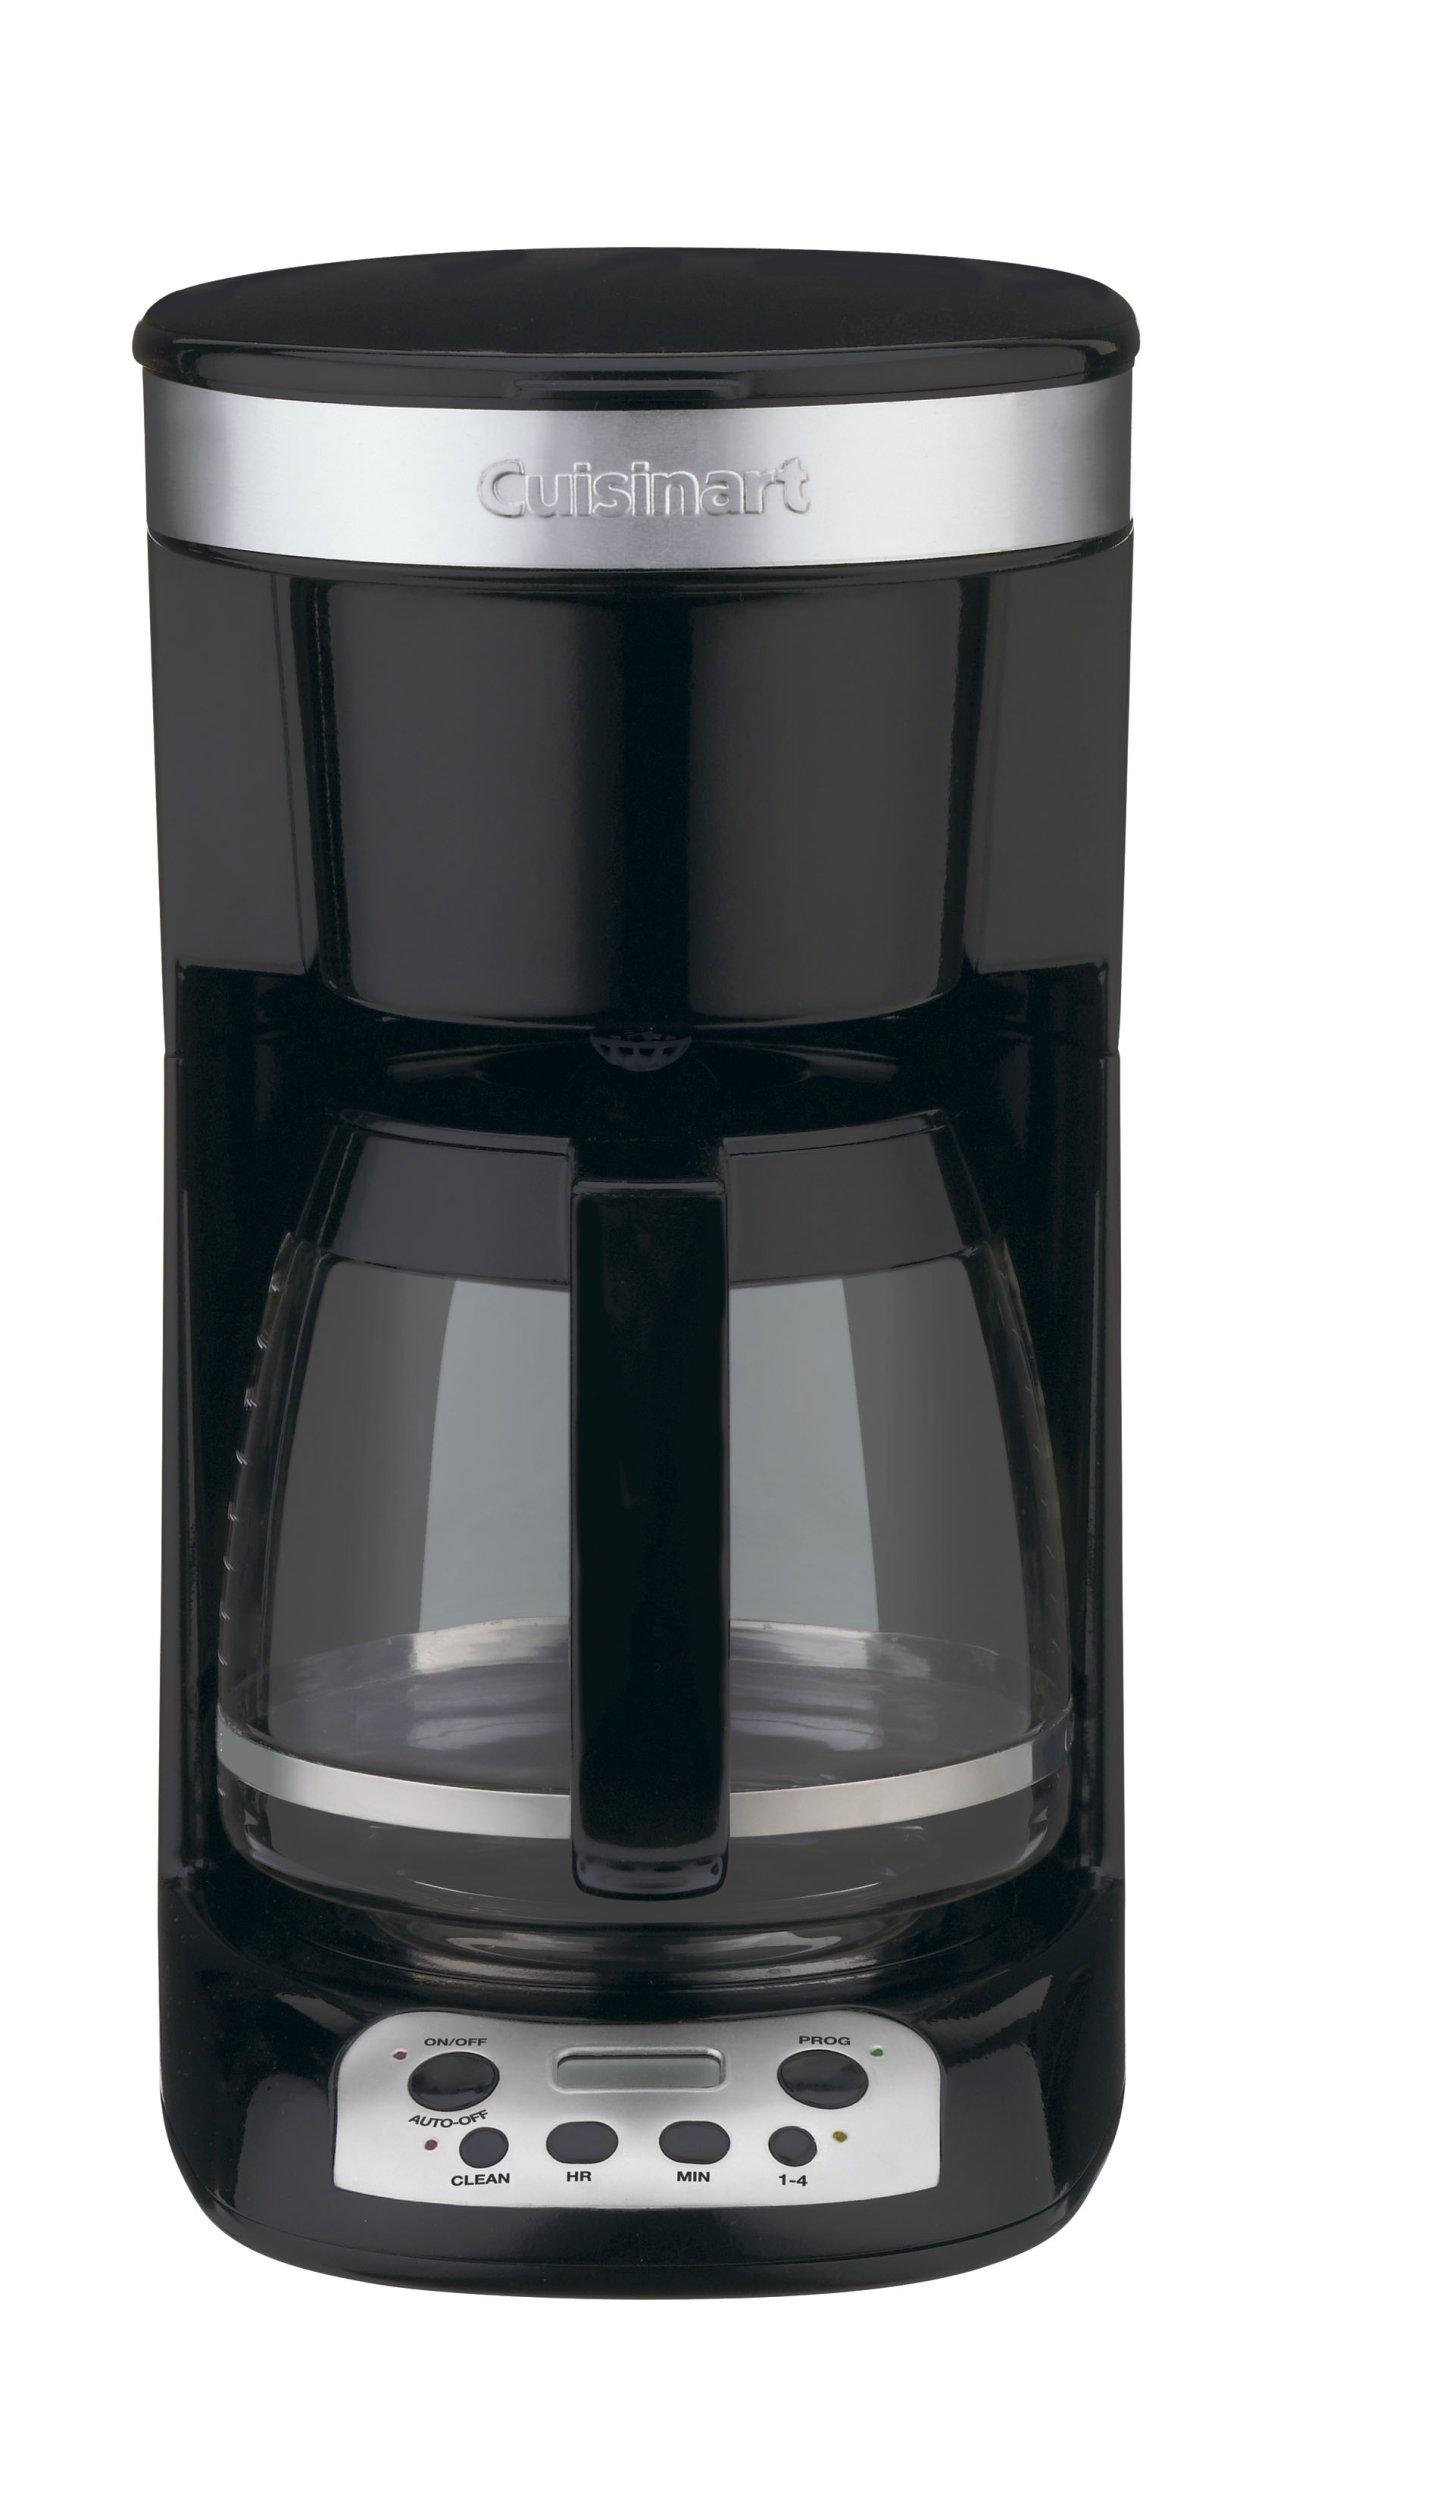 Cuisinart DCC-750BK Flavor Brew 12-Cup Coffeemaker, Black